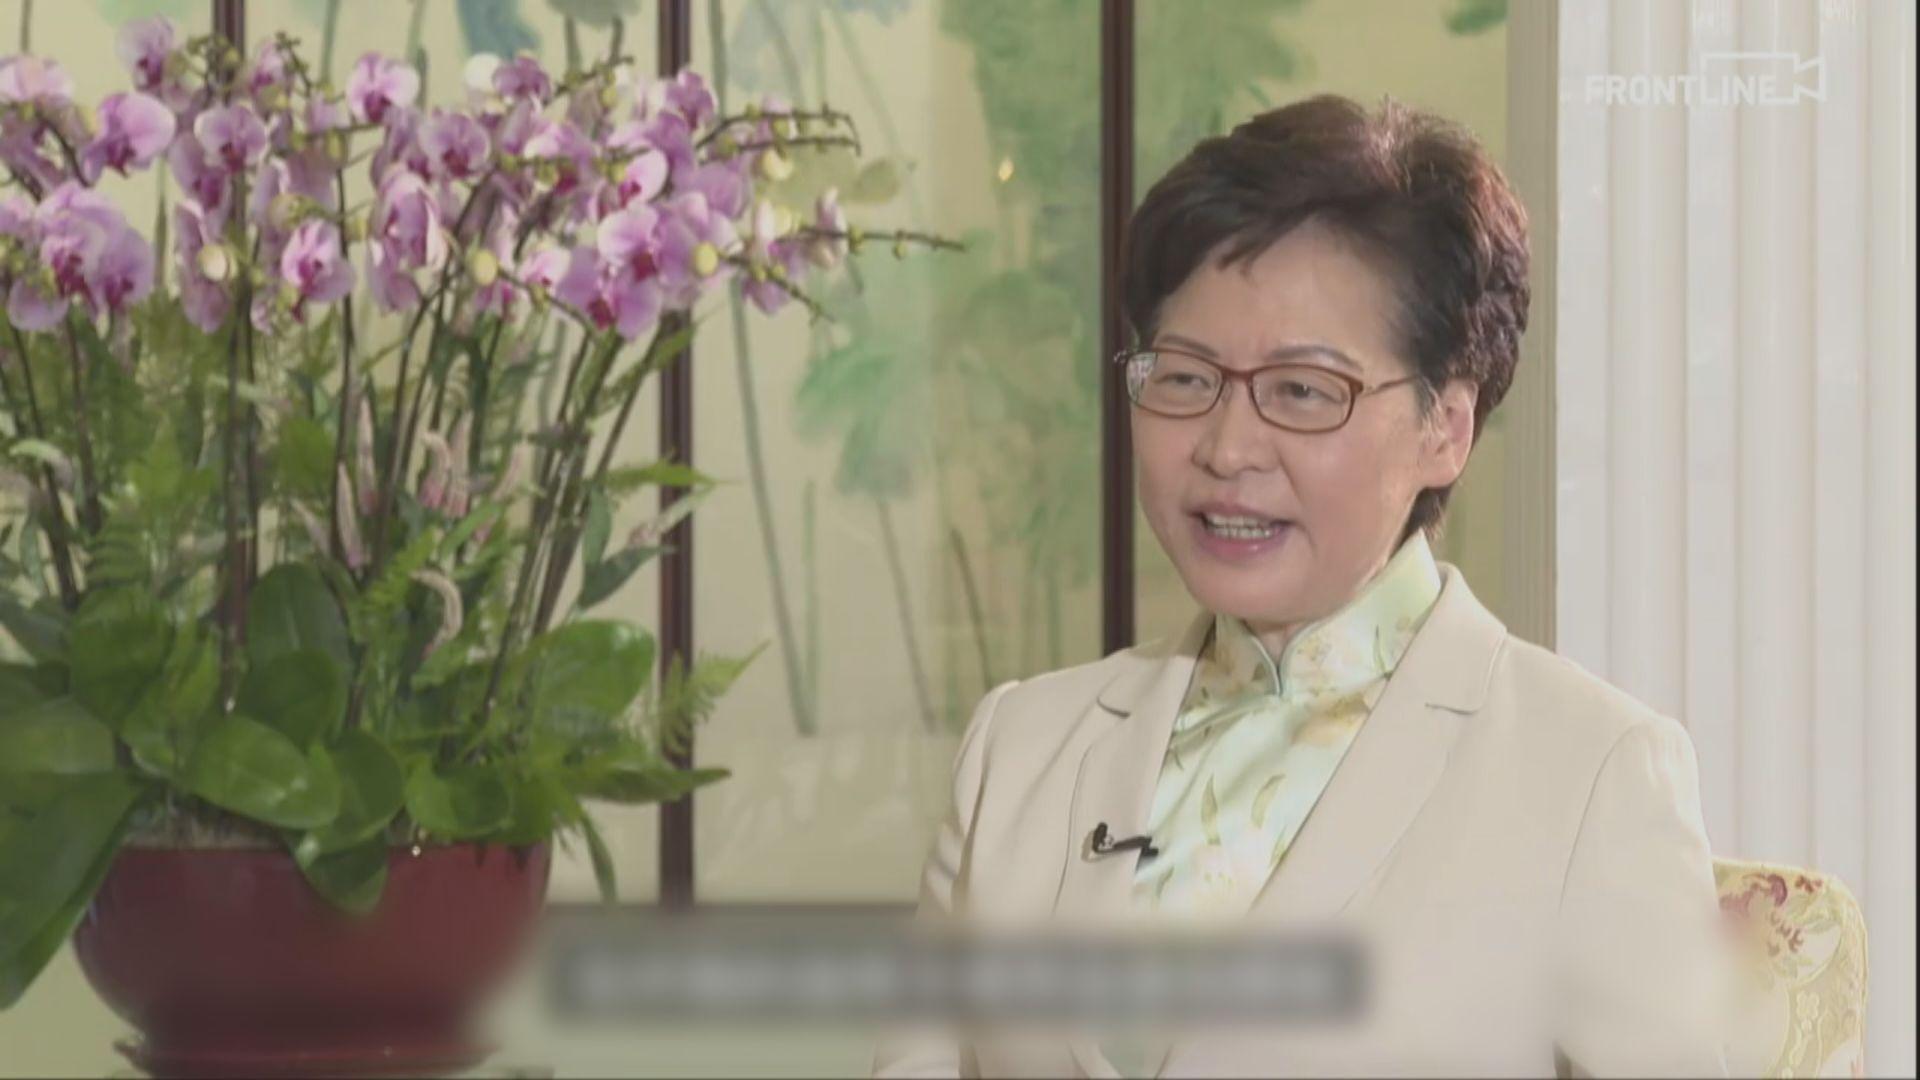 林鄭月娥︰被制裁有不便 但對獲中央信任感光榮